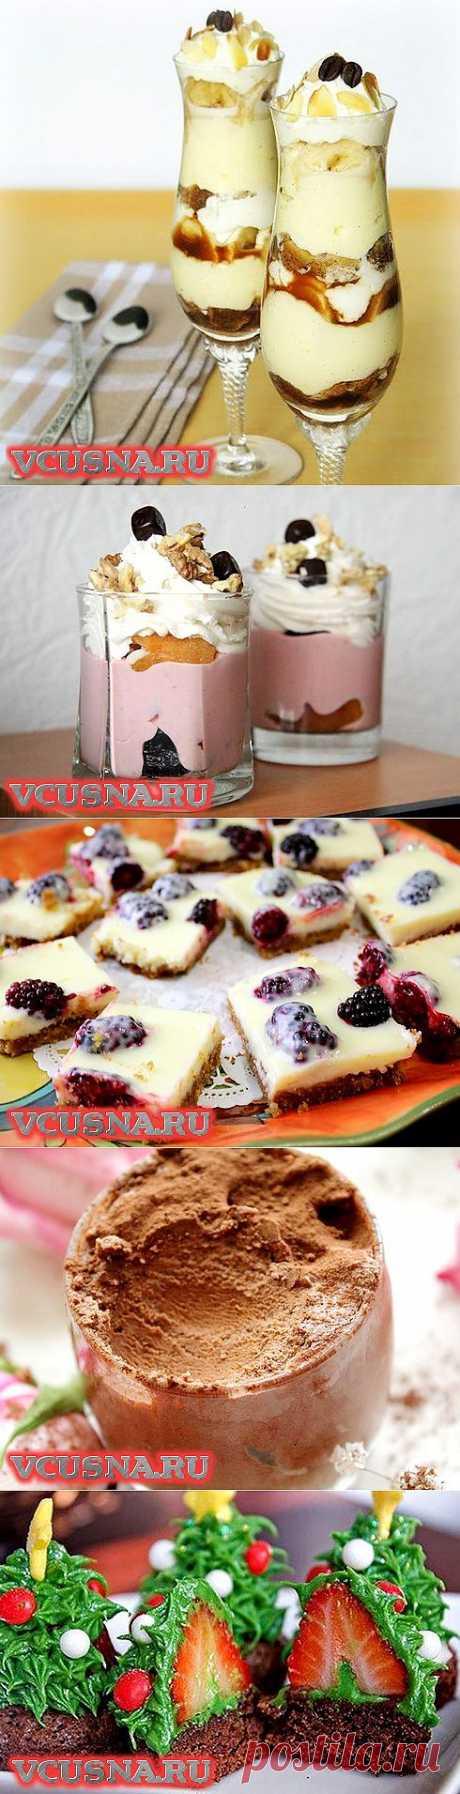 Десерты на Новый год - кулинарные рецепты VCUSNA.RU